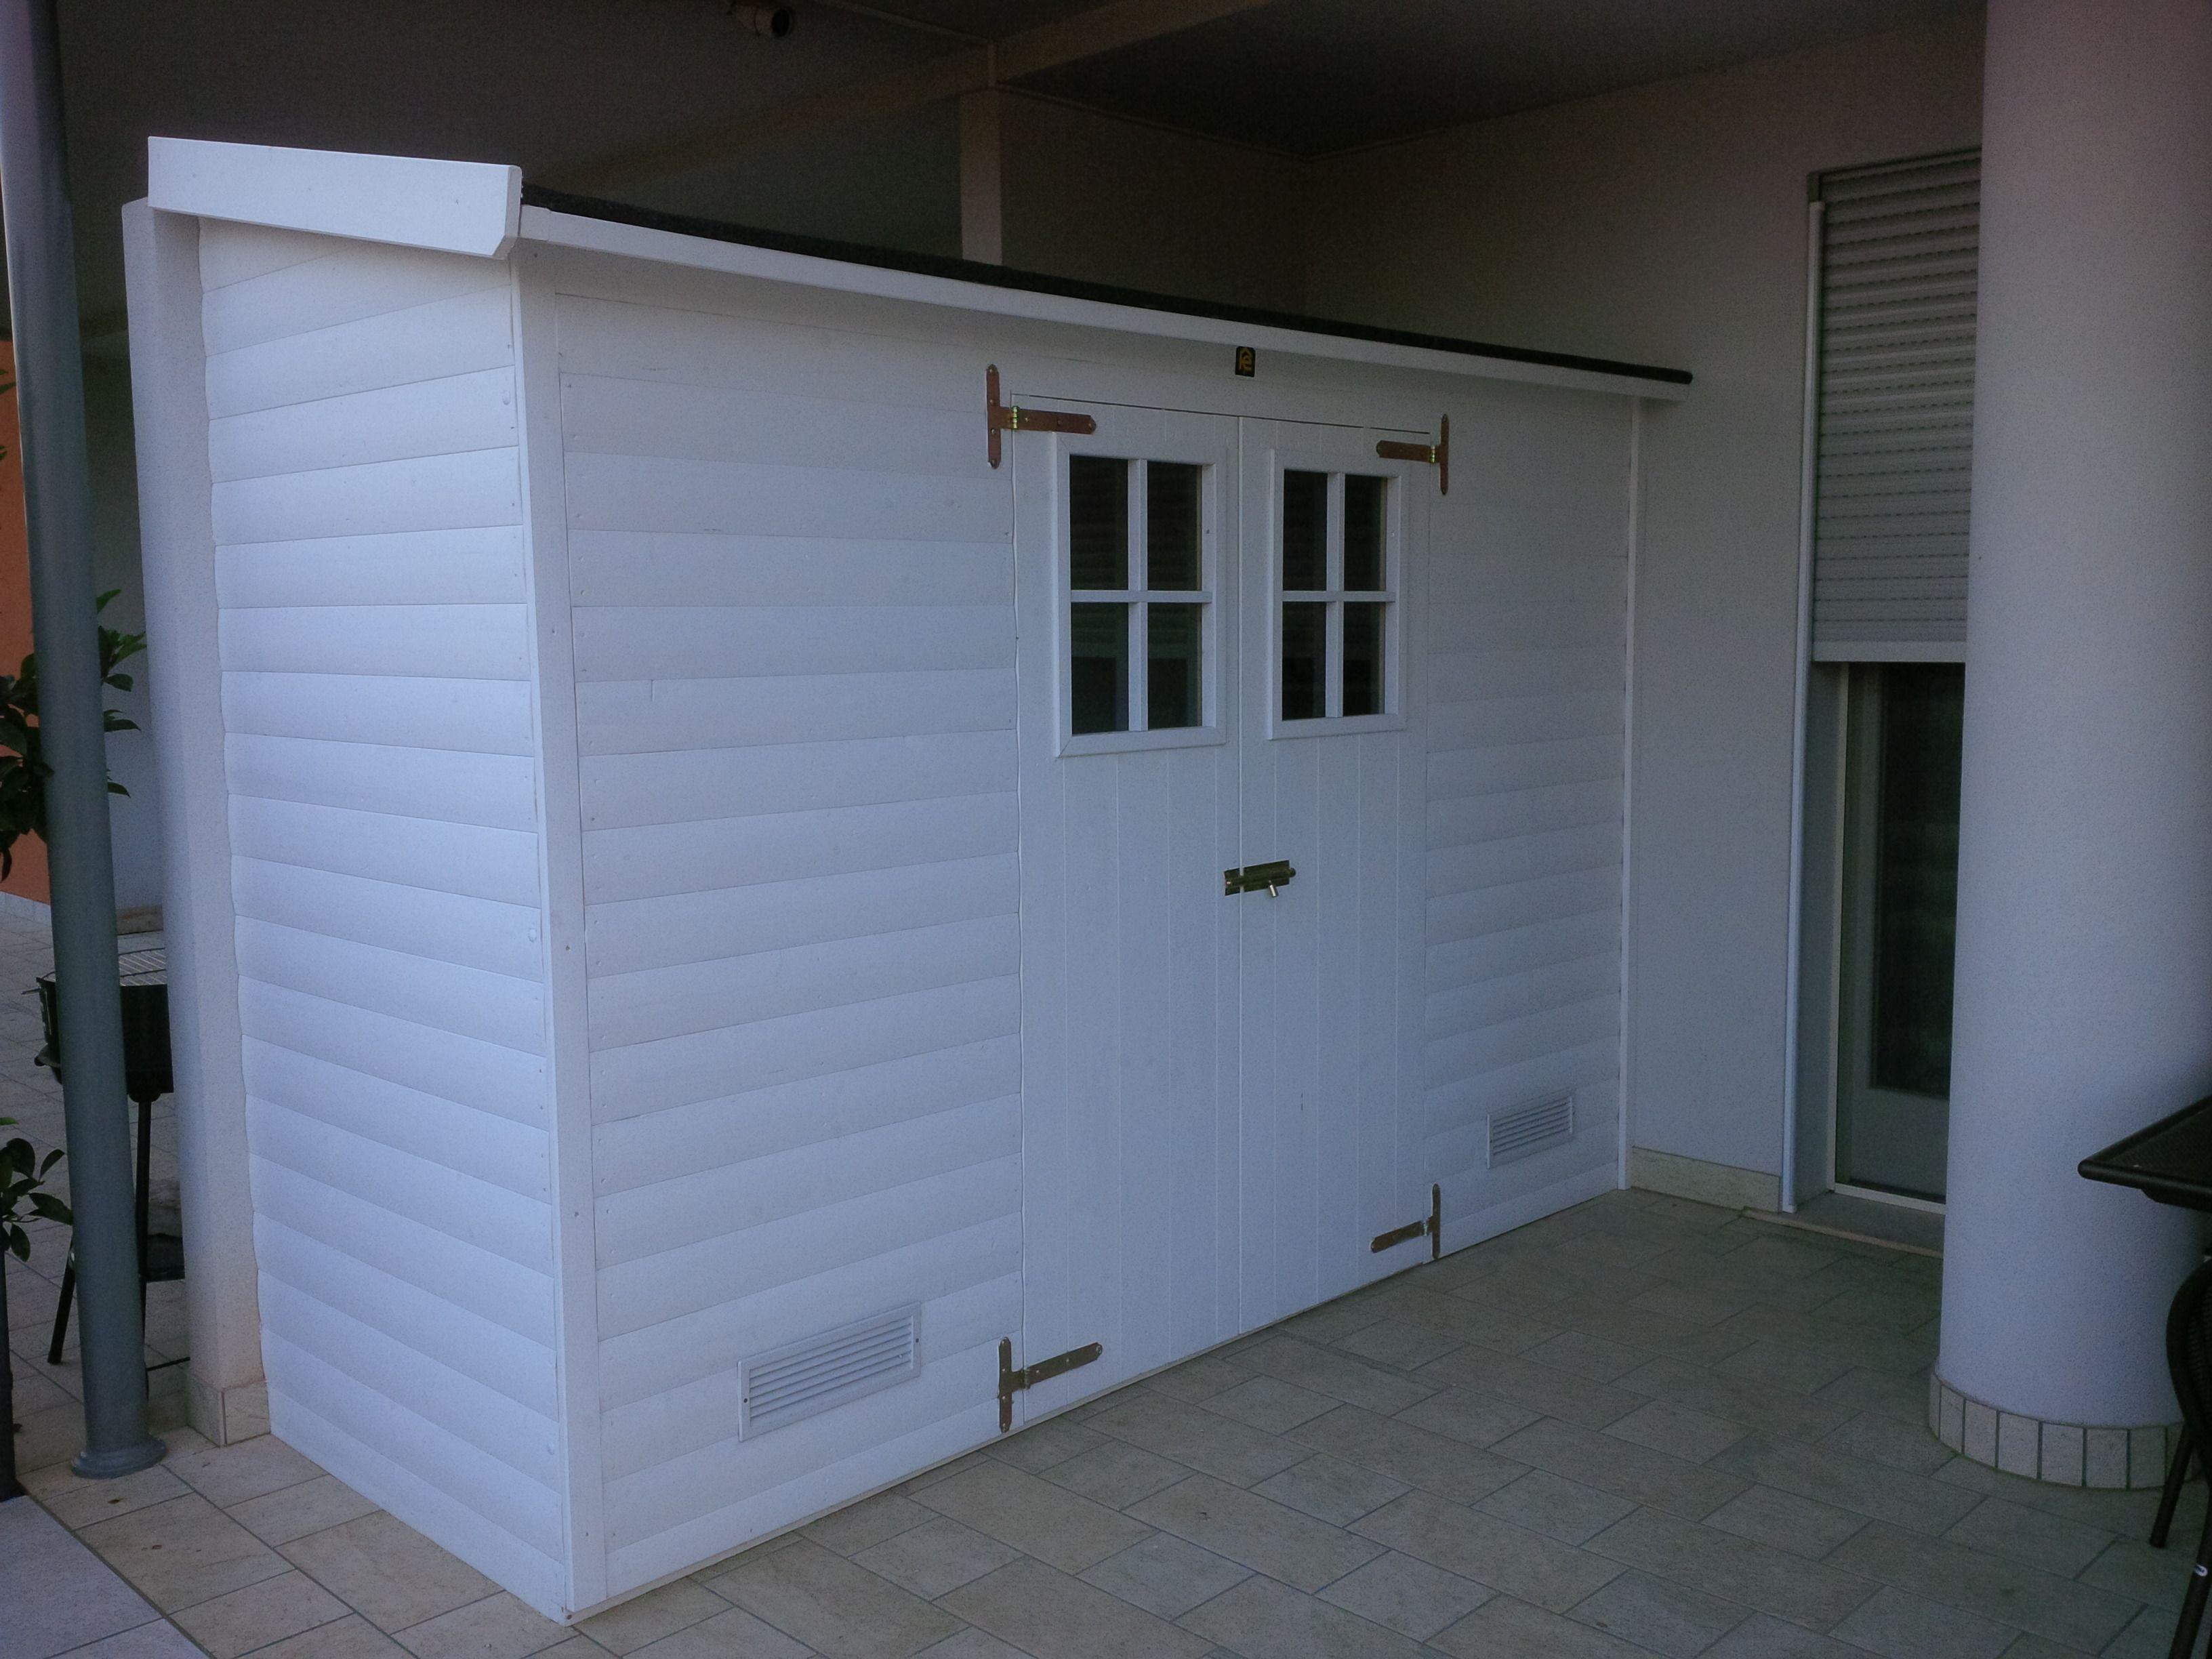 Casetta In Legno Addossata Con Porta Doppia Colore A Smalto Bianco